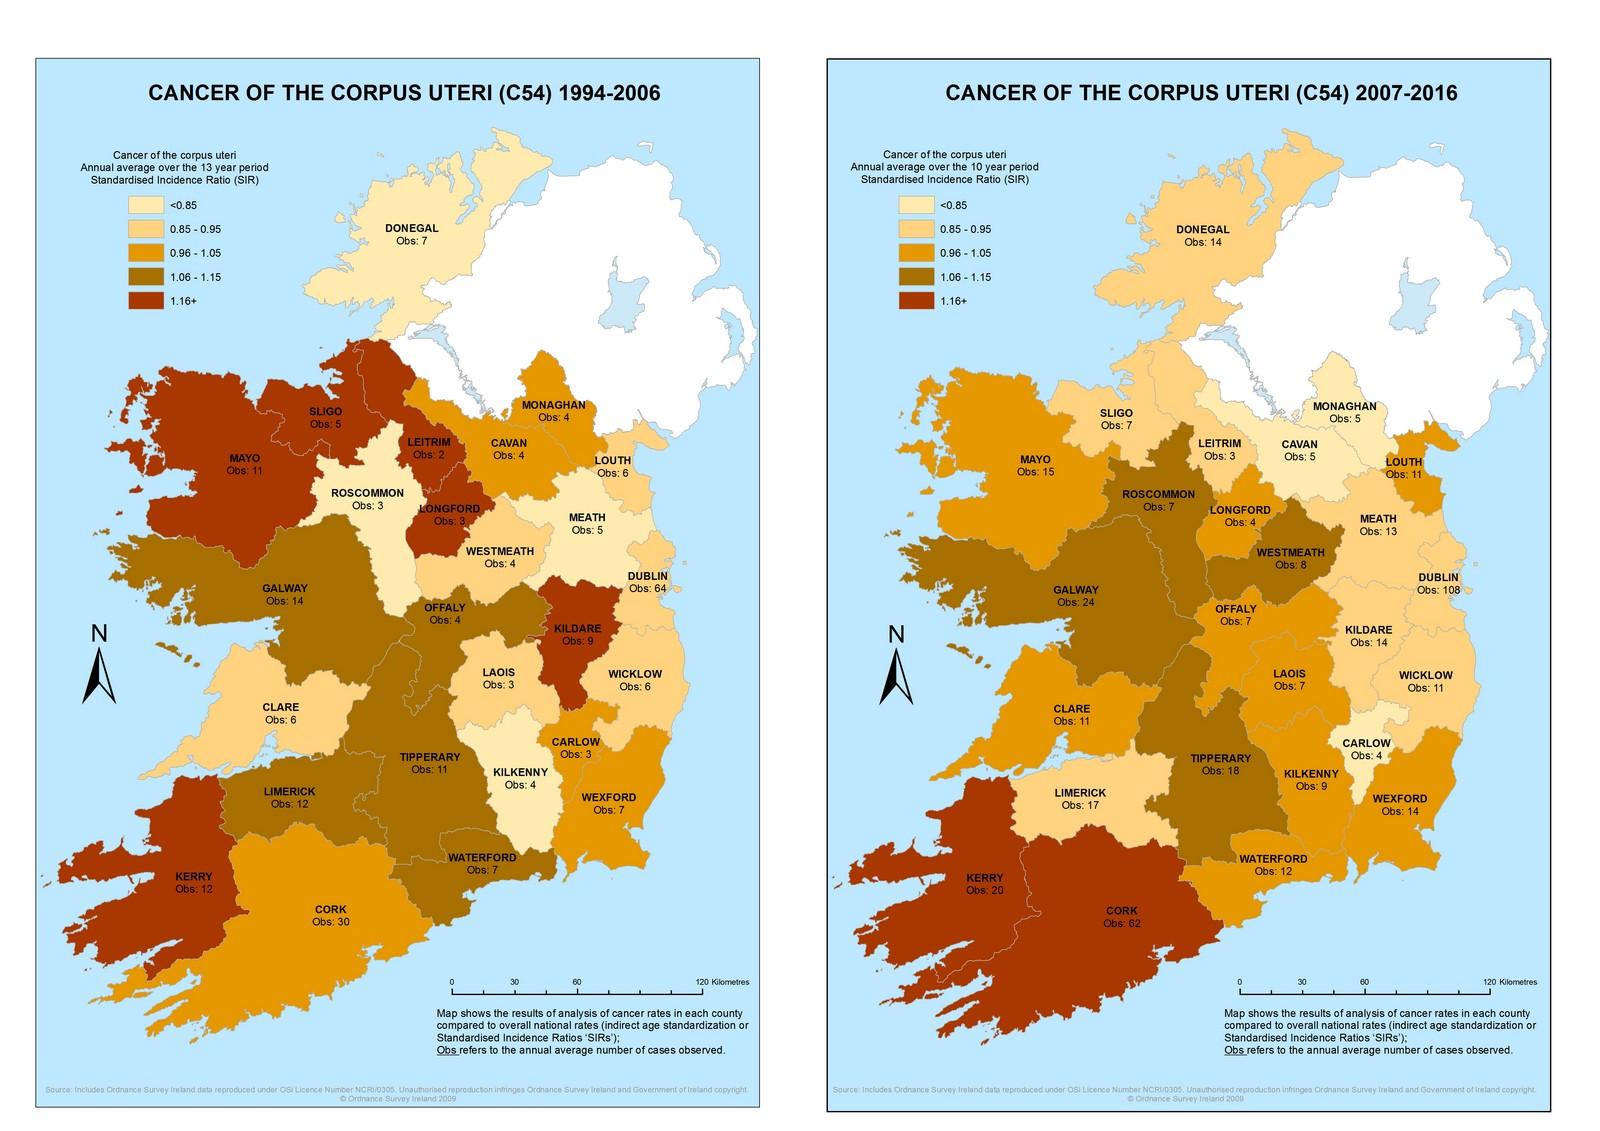 Corpus uteri 1994-2006 & 2007-2016 annual average